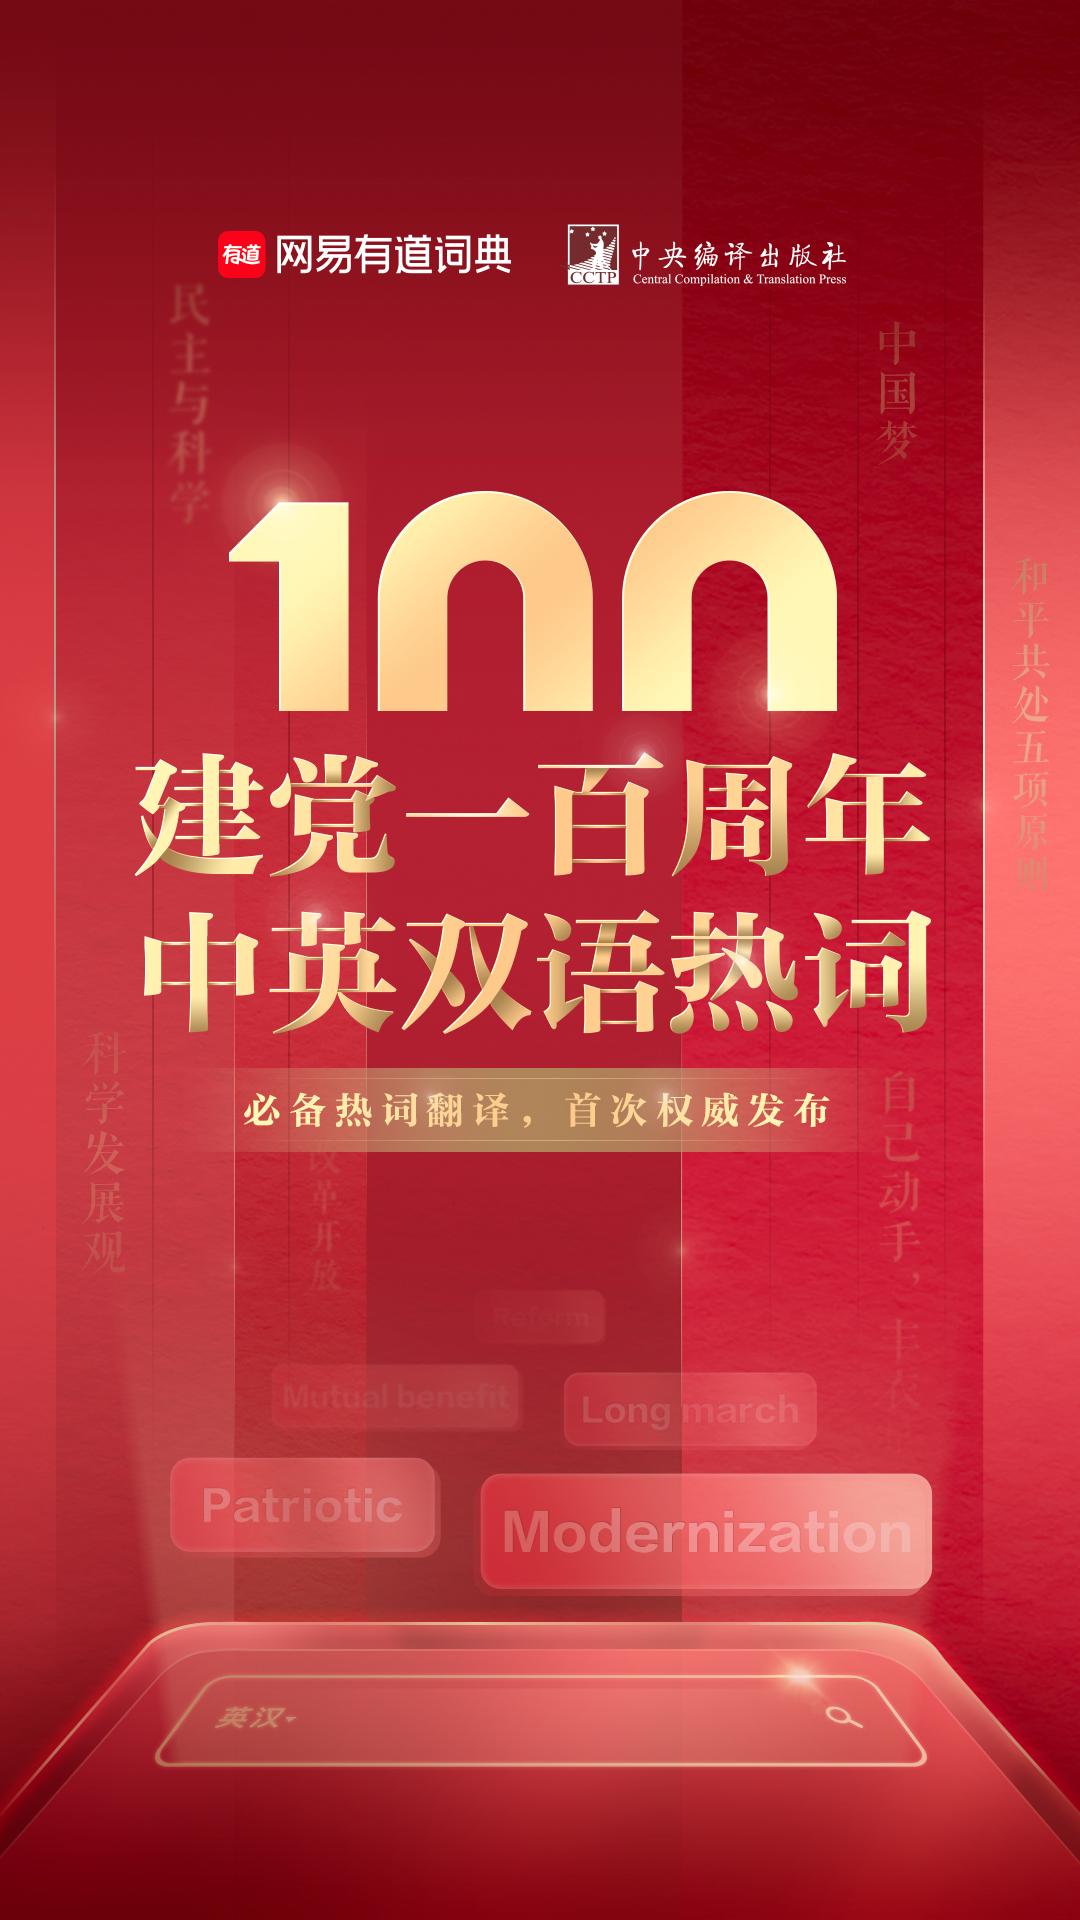 有道词典联合中央编译出版社,首次发布建党百年中英双语热词